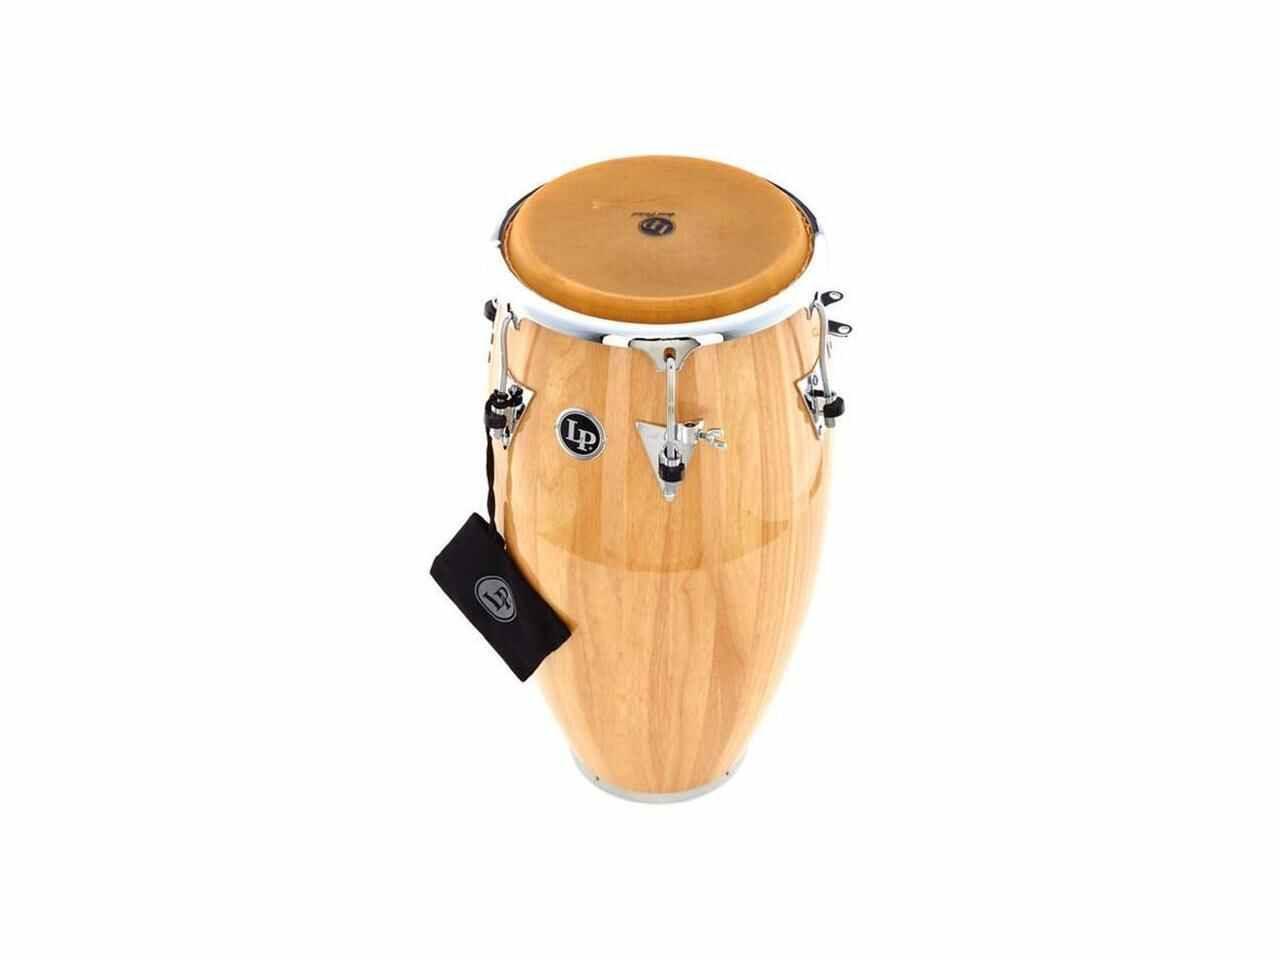 Drum Workshop Lp 11 3/4 in Top Tune Conga Rim